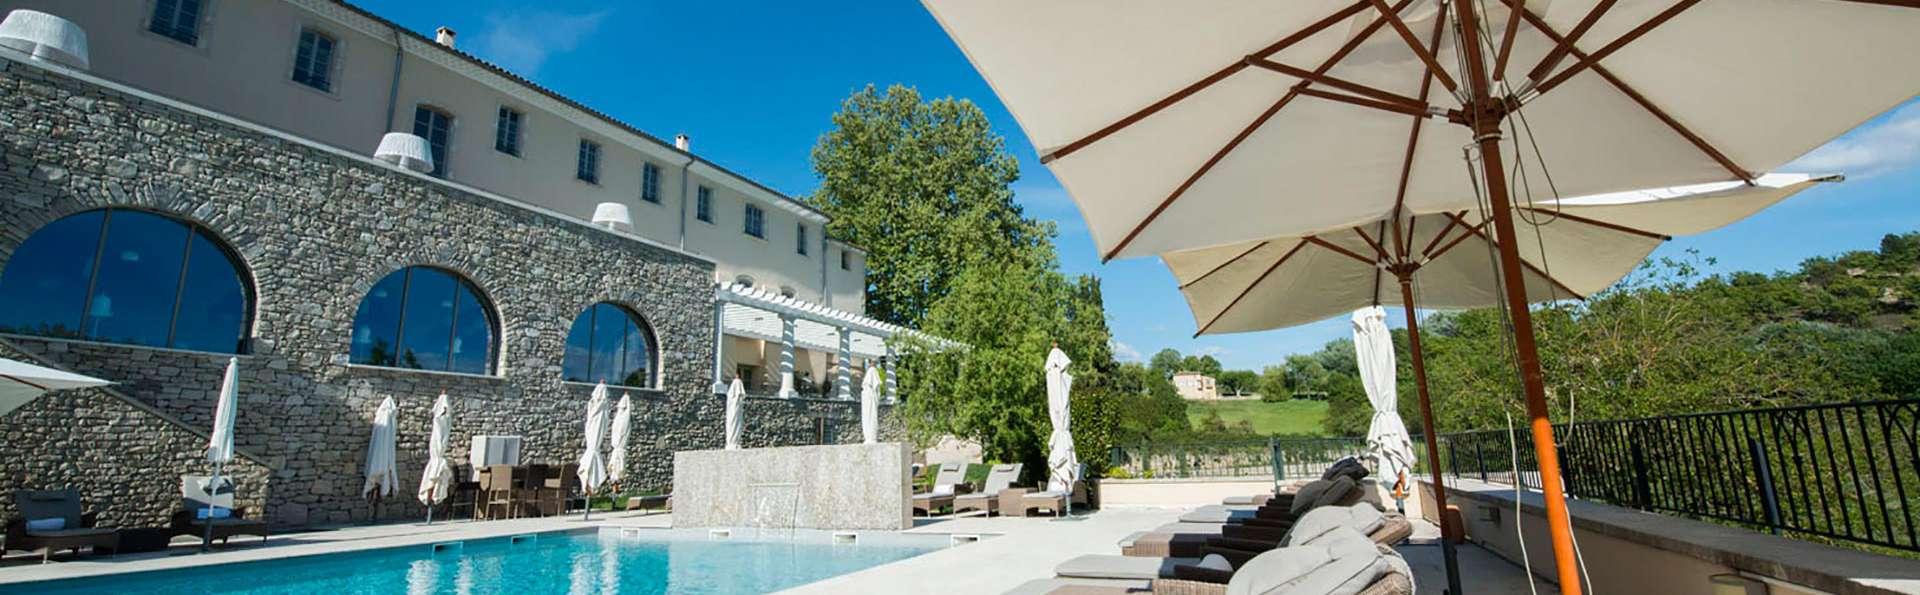 Week-end détente et bien-être avec soins dans un ancien couvent Provençal